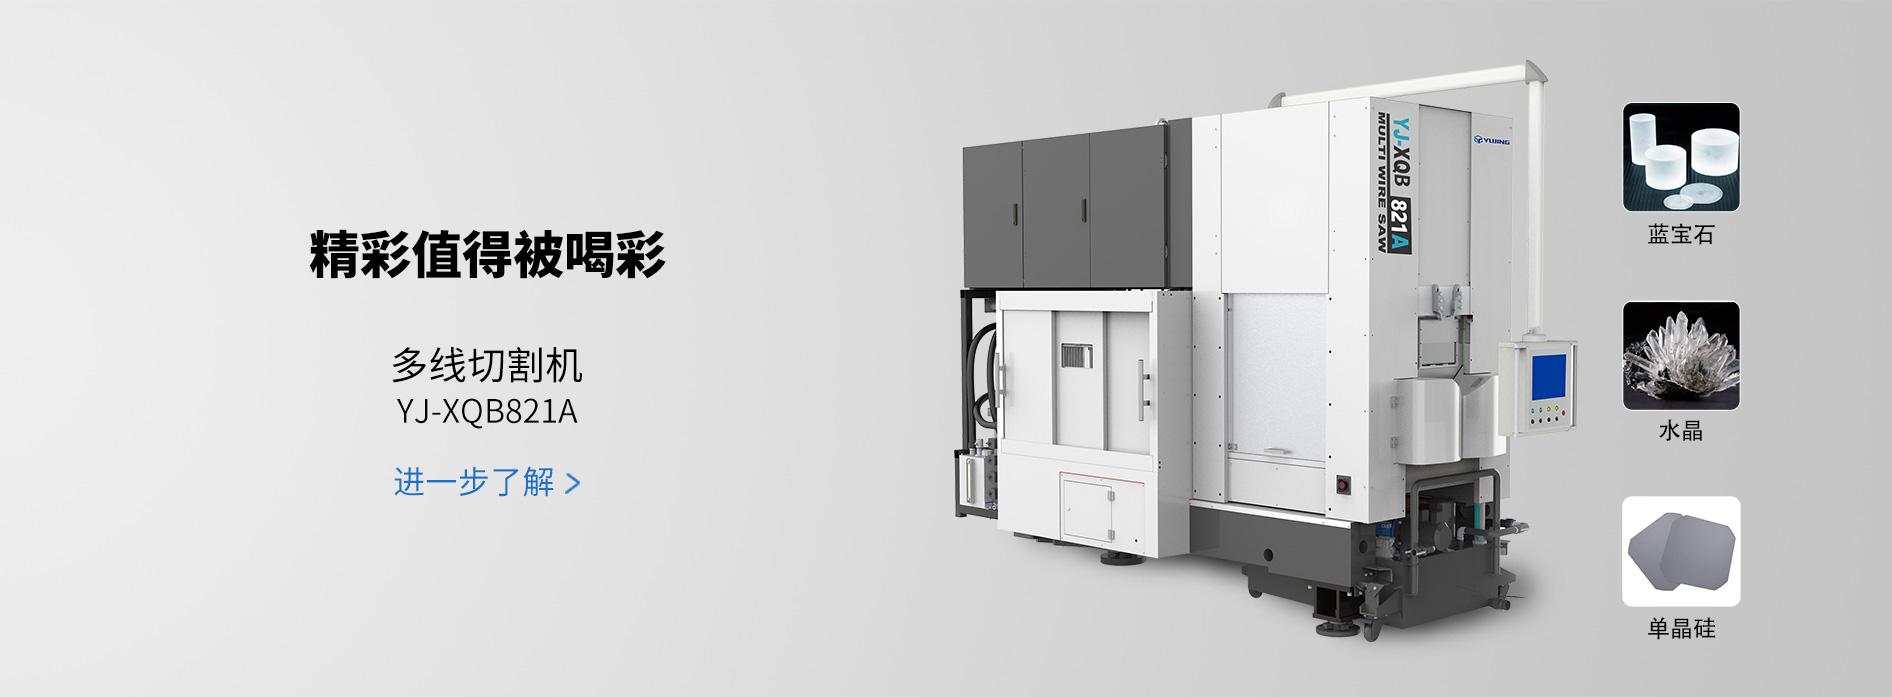 湖南宇晶机器股份有限公司